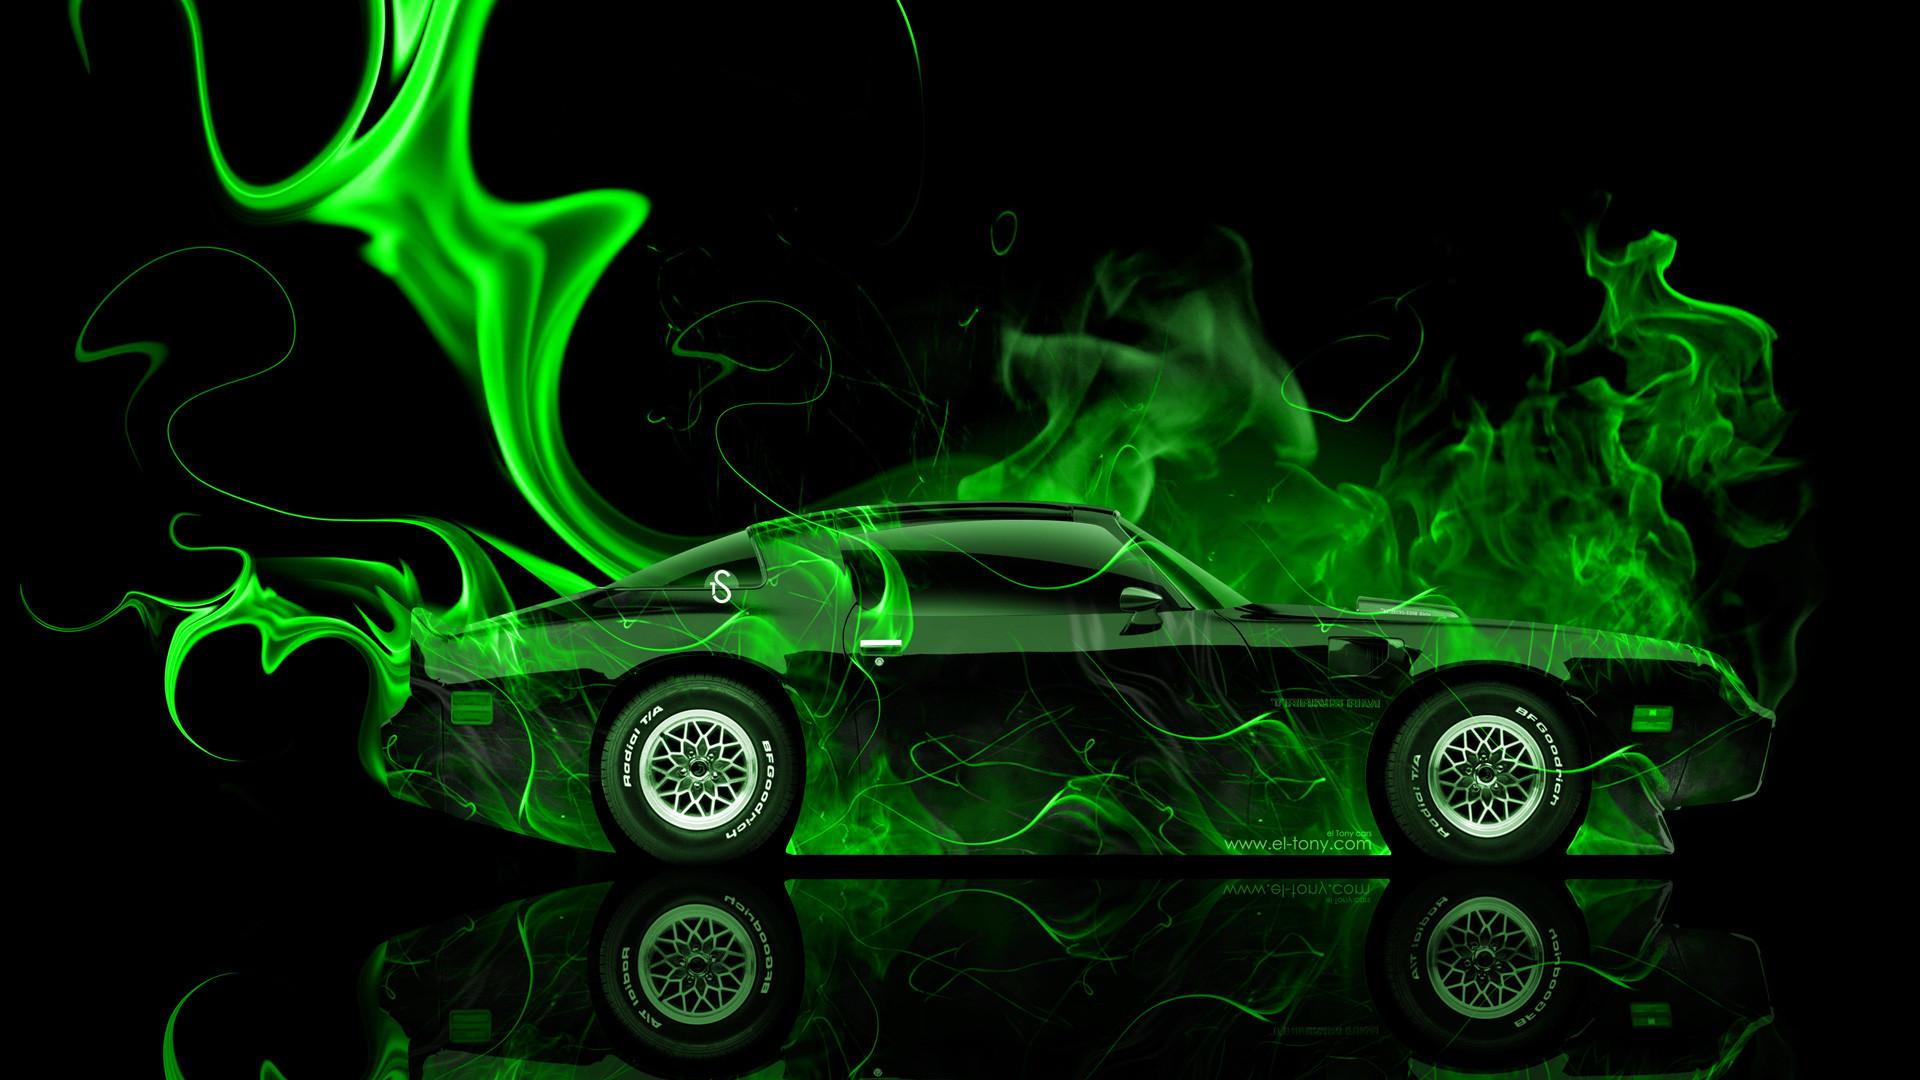 … Pontiac-Firebird-Side-Green-Fire-Abstract-Car-2014- …